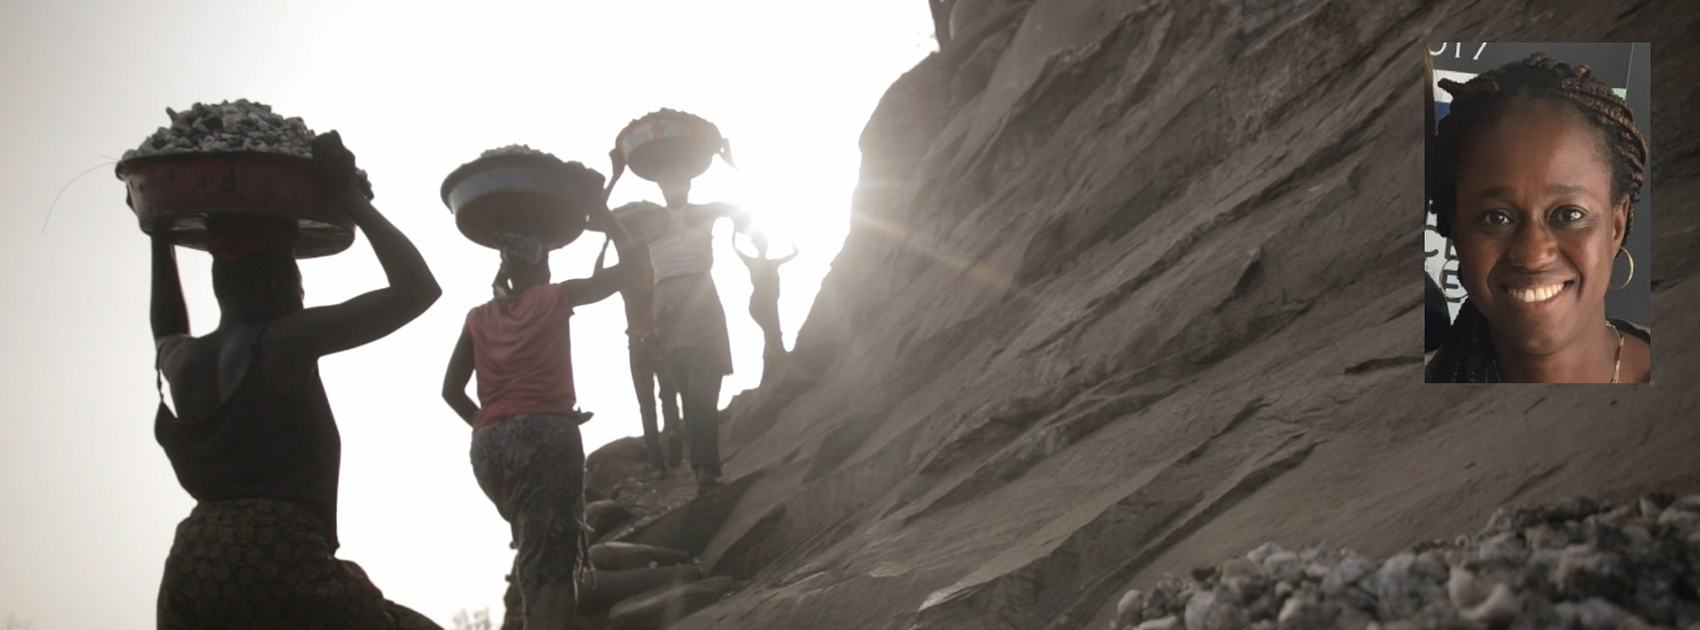 la réalisatrice <br/>Chloé Aïcha Boro <br/> accompagne son film<br/>Le Loup d'or de Balolé